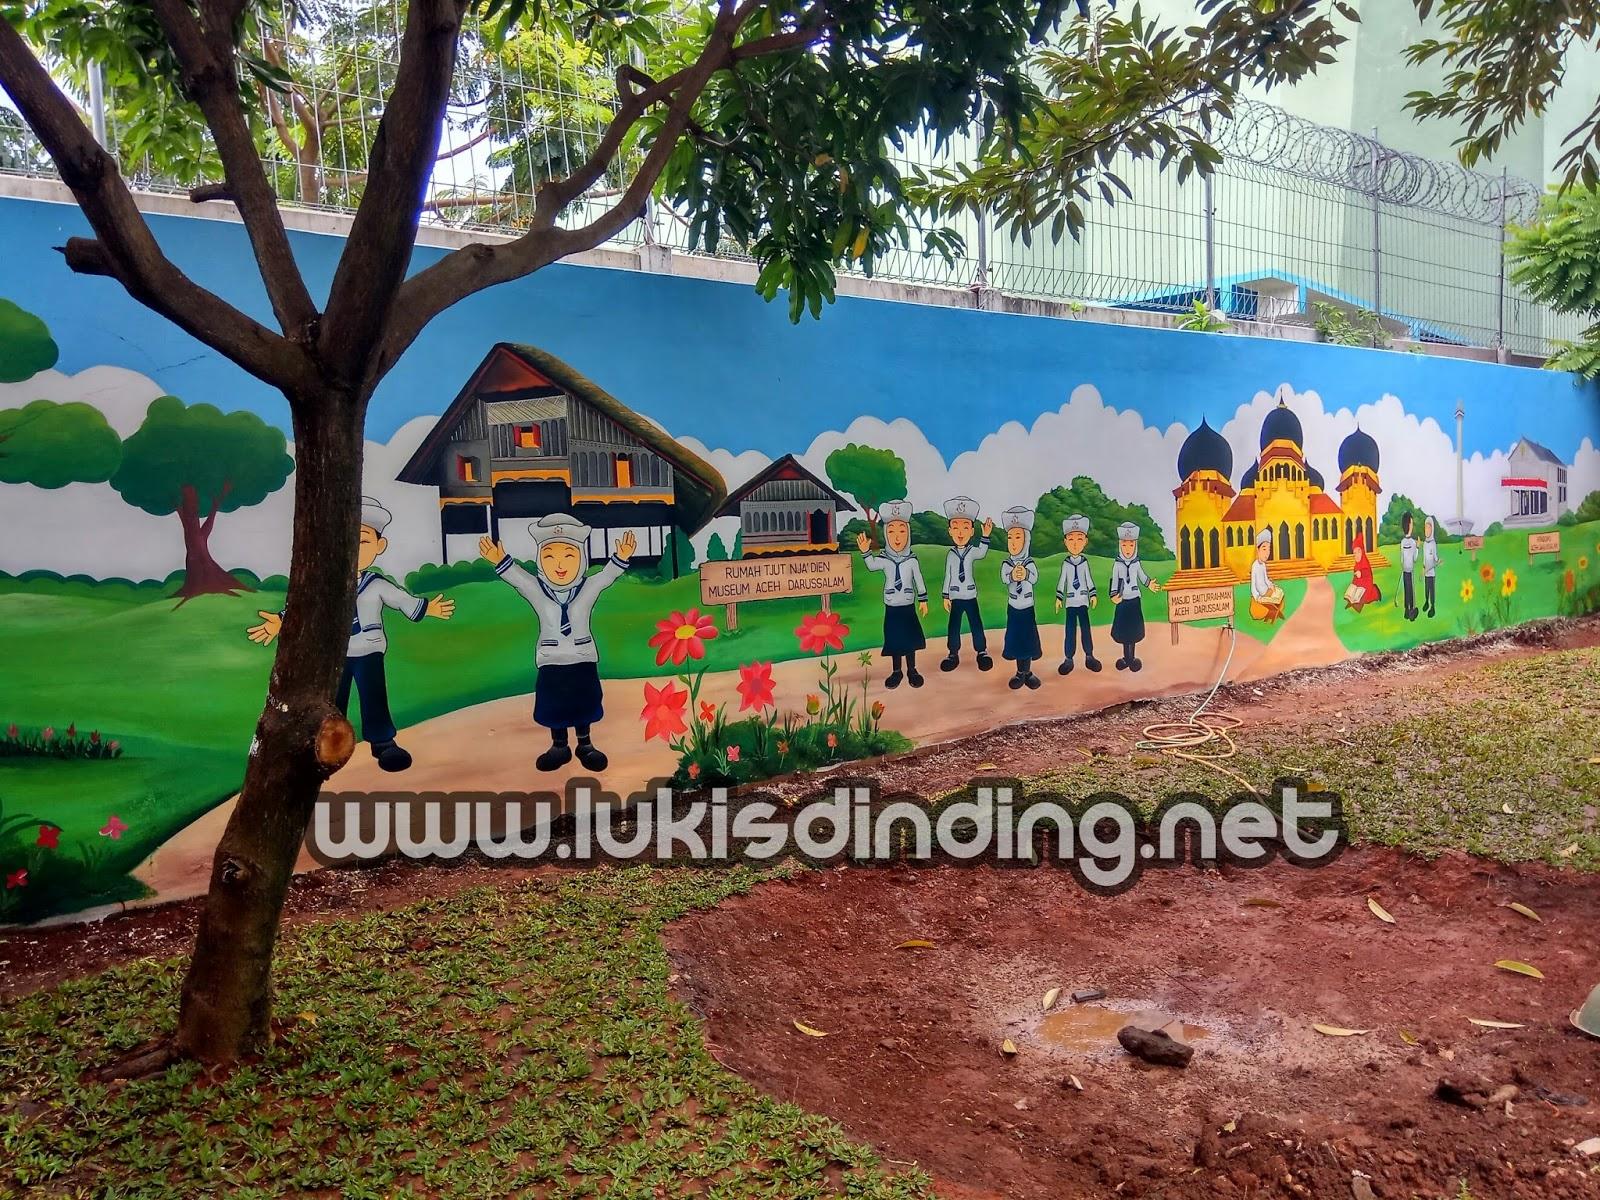 Mural Paud Lukis Dinding Tk Paud Lukis Dinding Jasa Mural Jasa Lukis Dinding Desain Mural